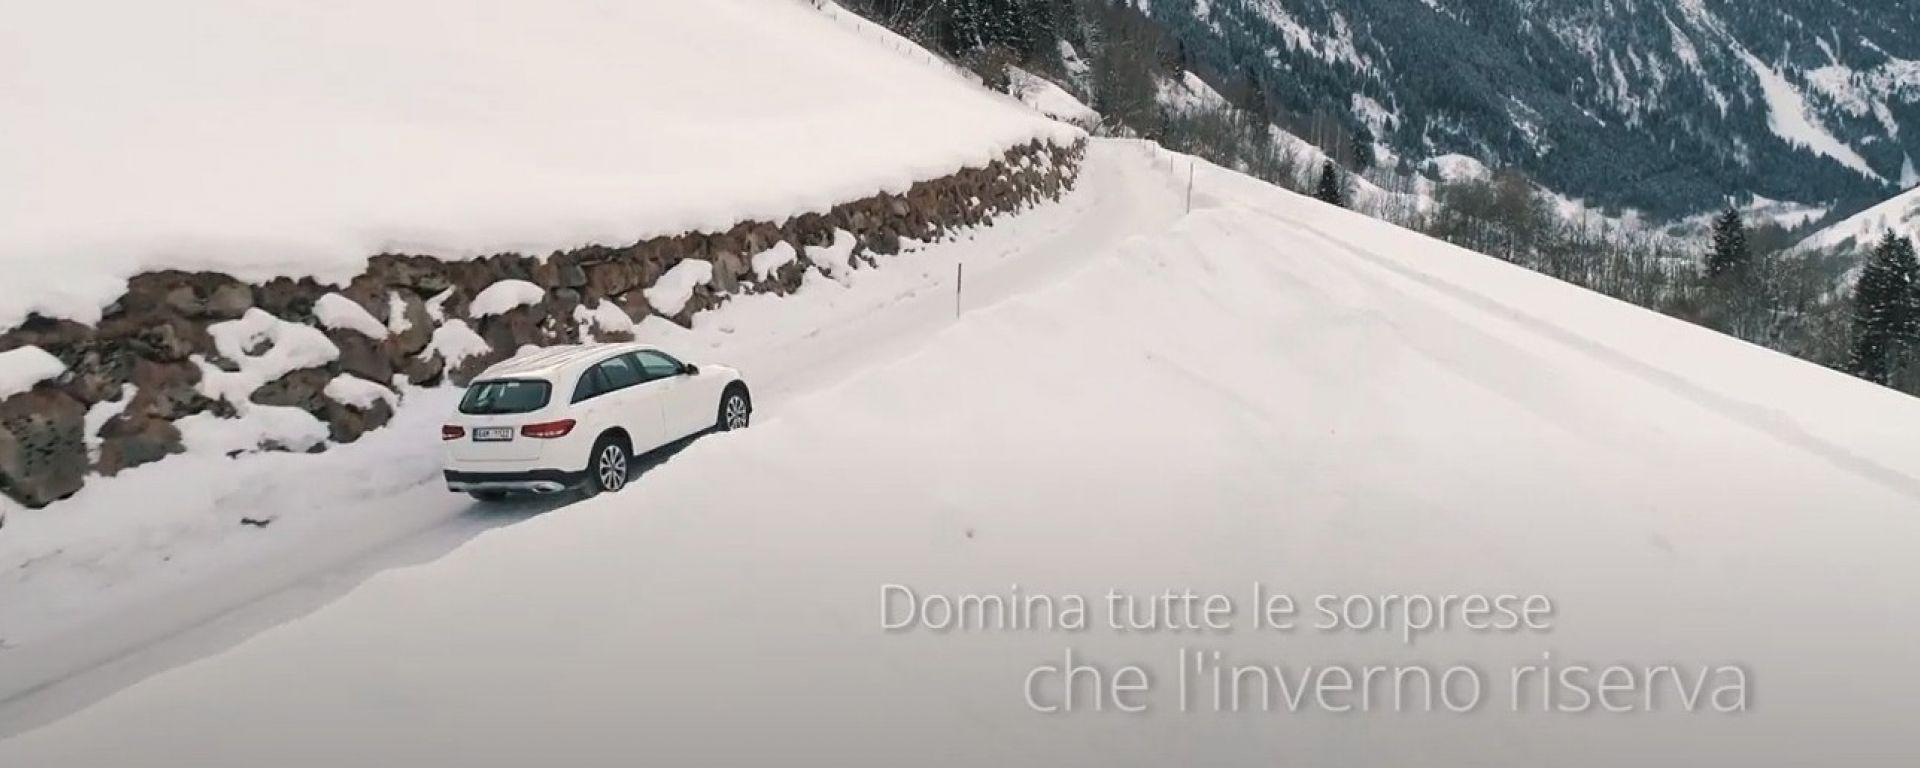 Nokian WR SUV 4: il nuovo pneumatico invernale per Suv [VIDEO]